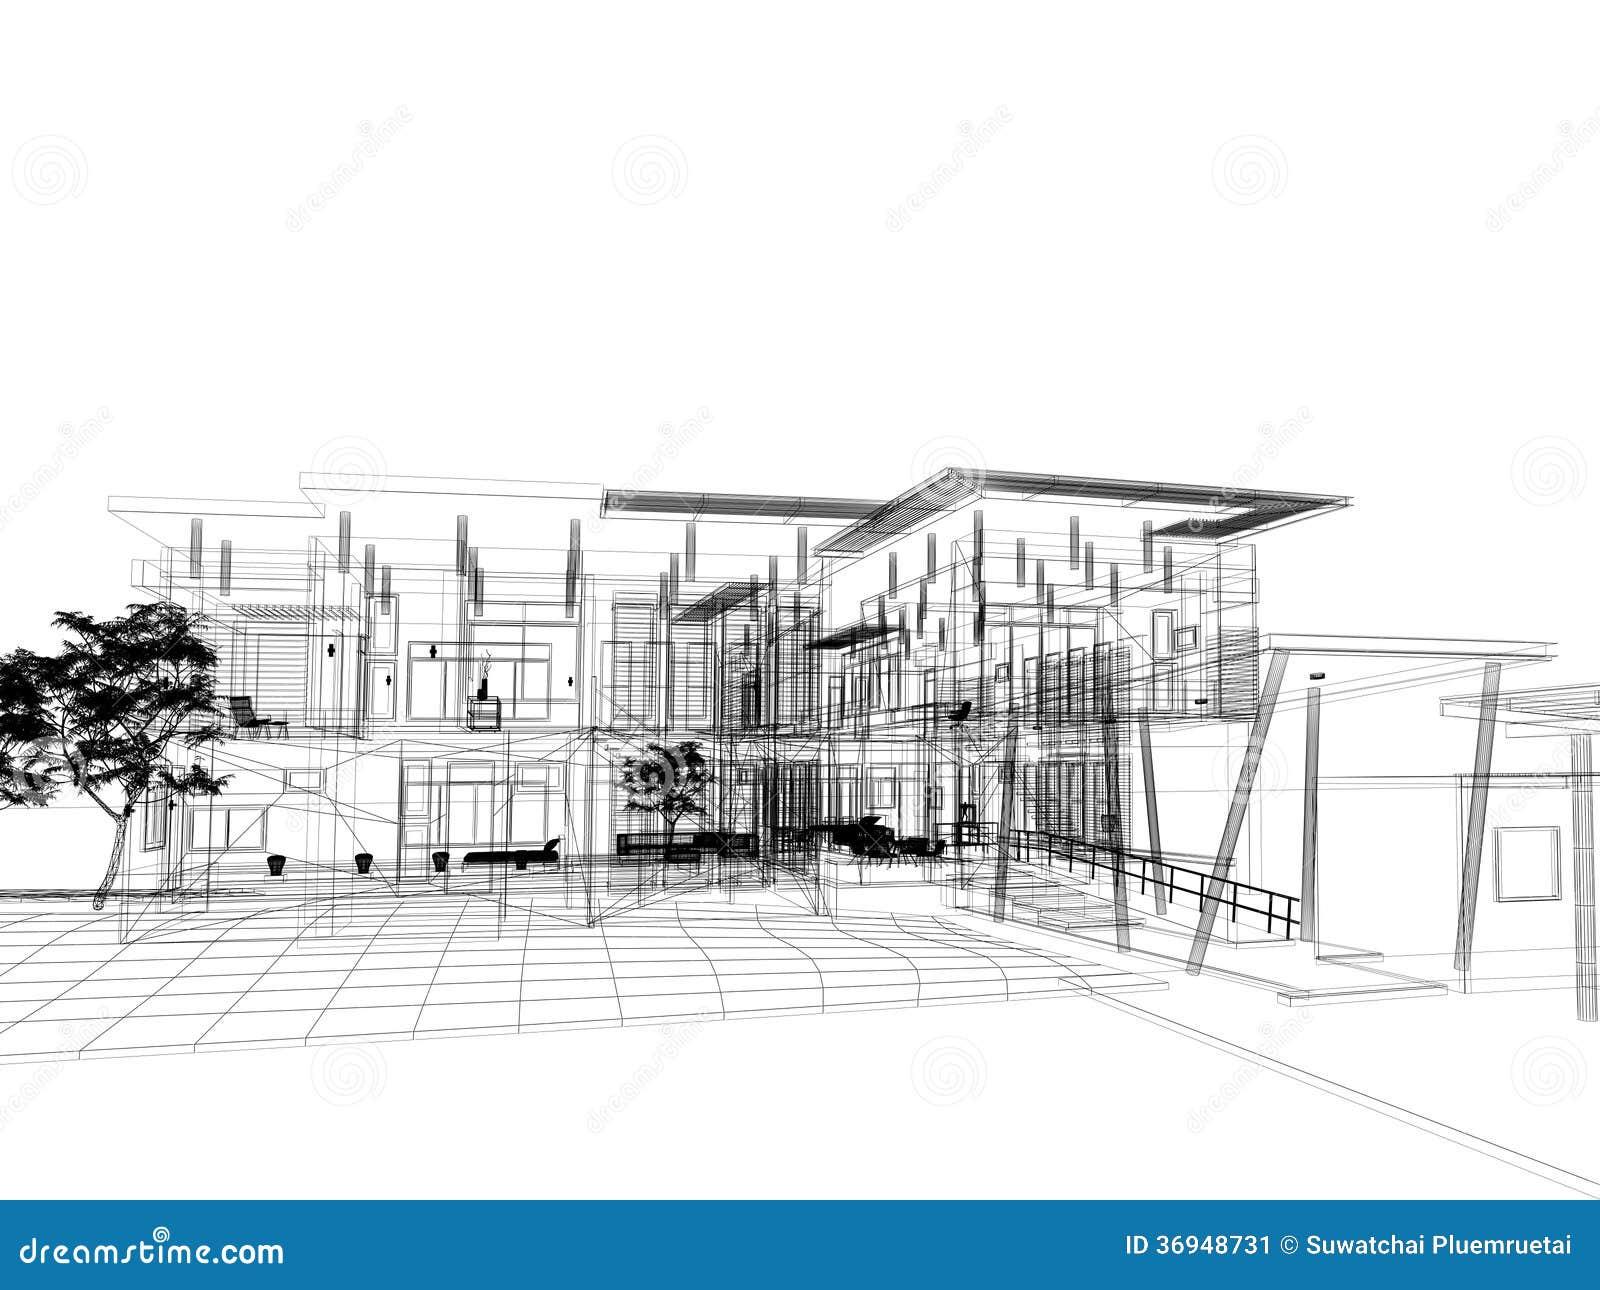 Sketch design of house stock illustration. Illustration of ...